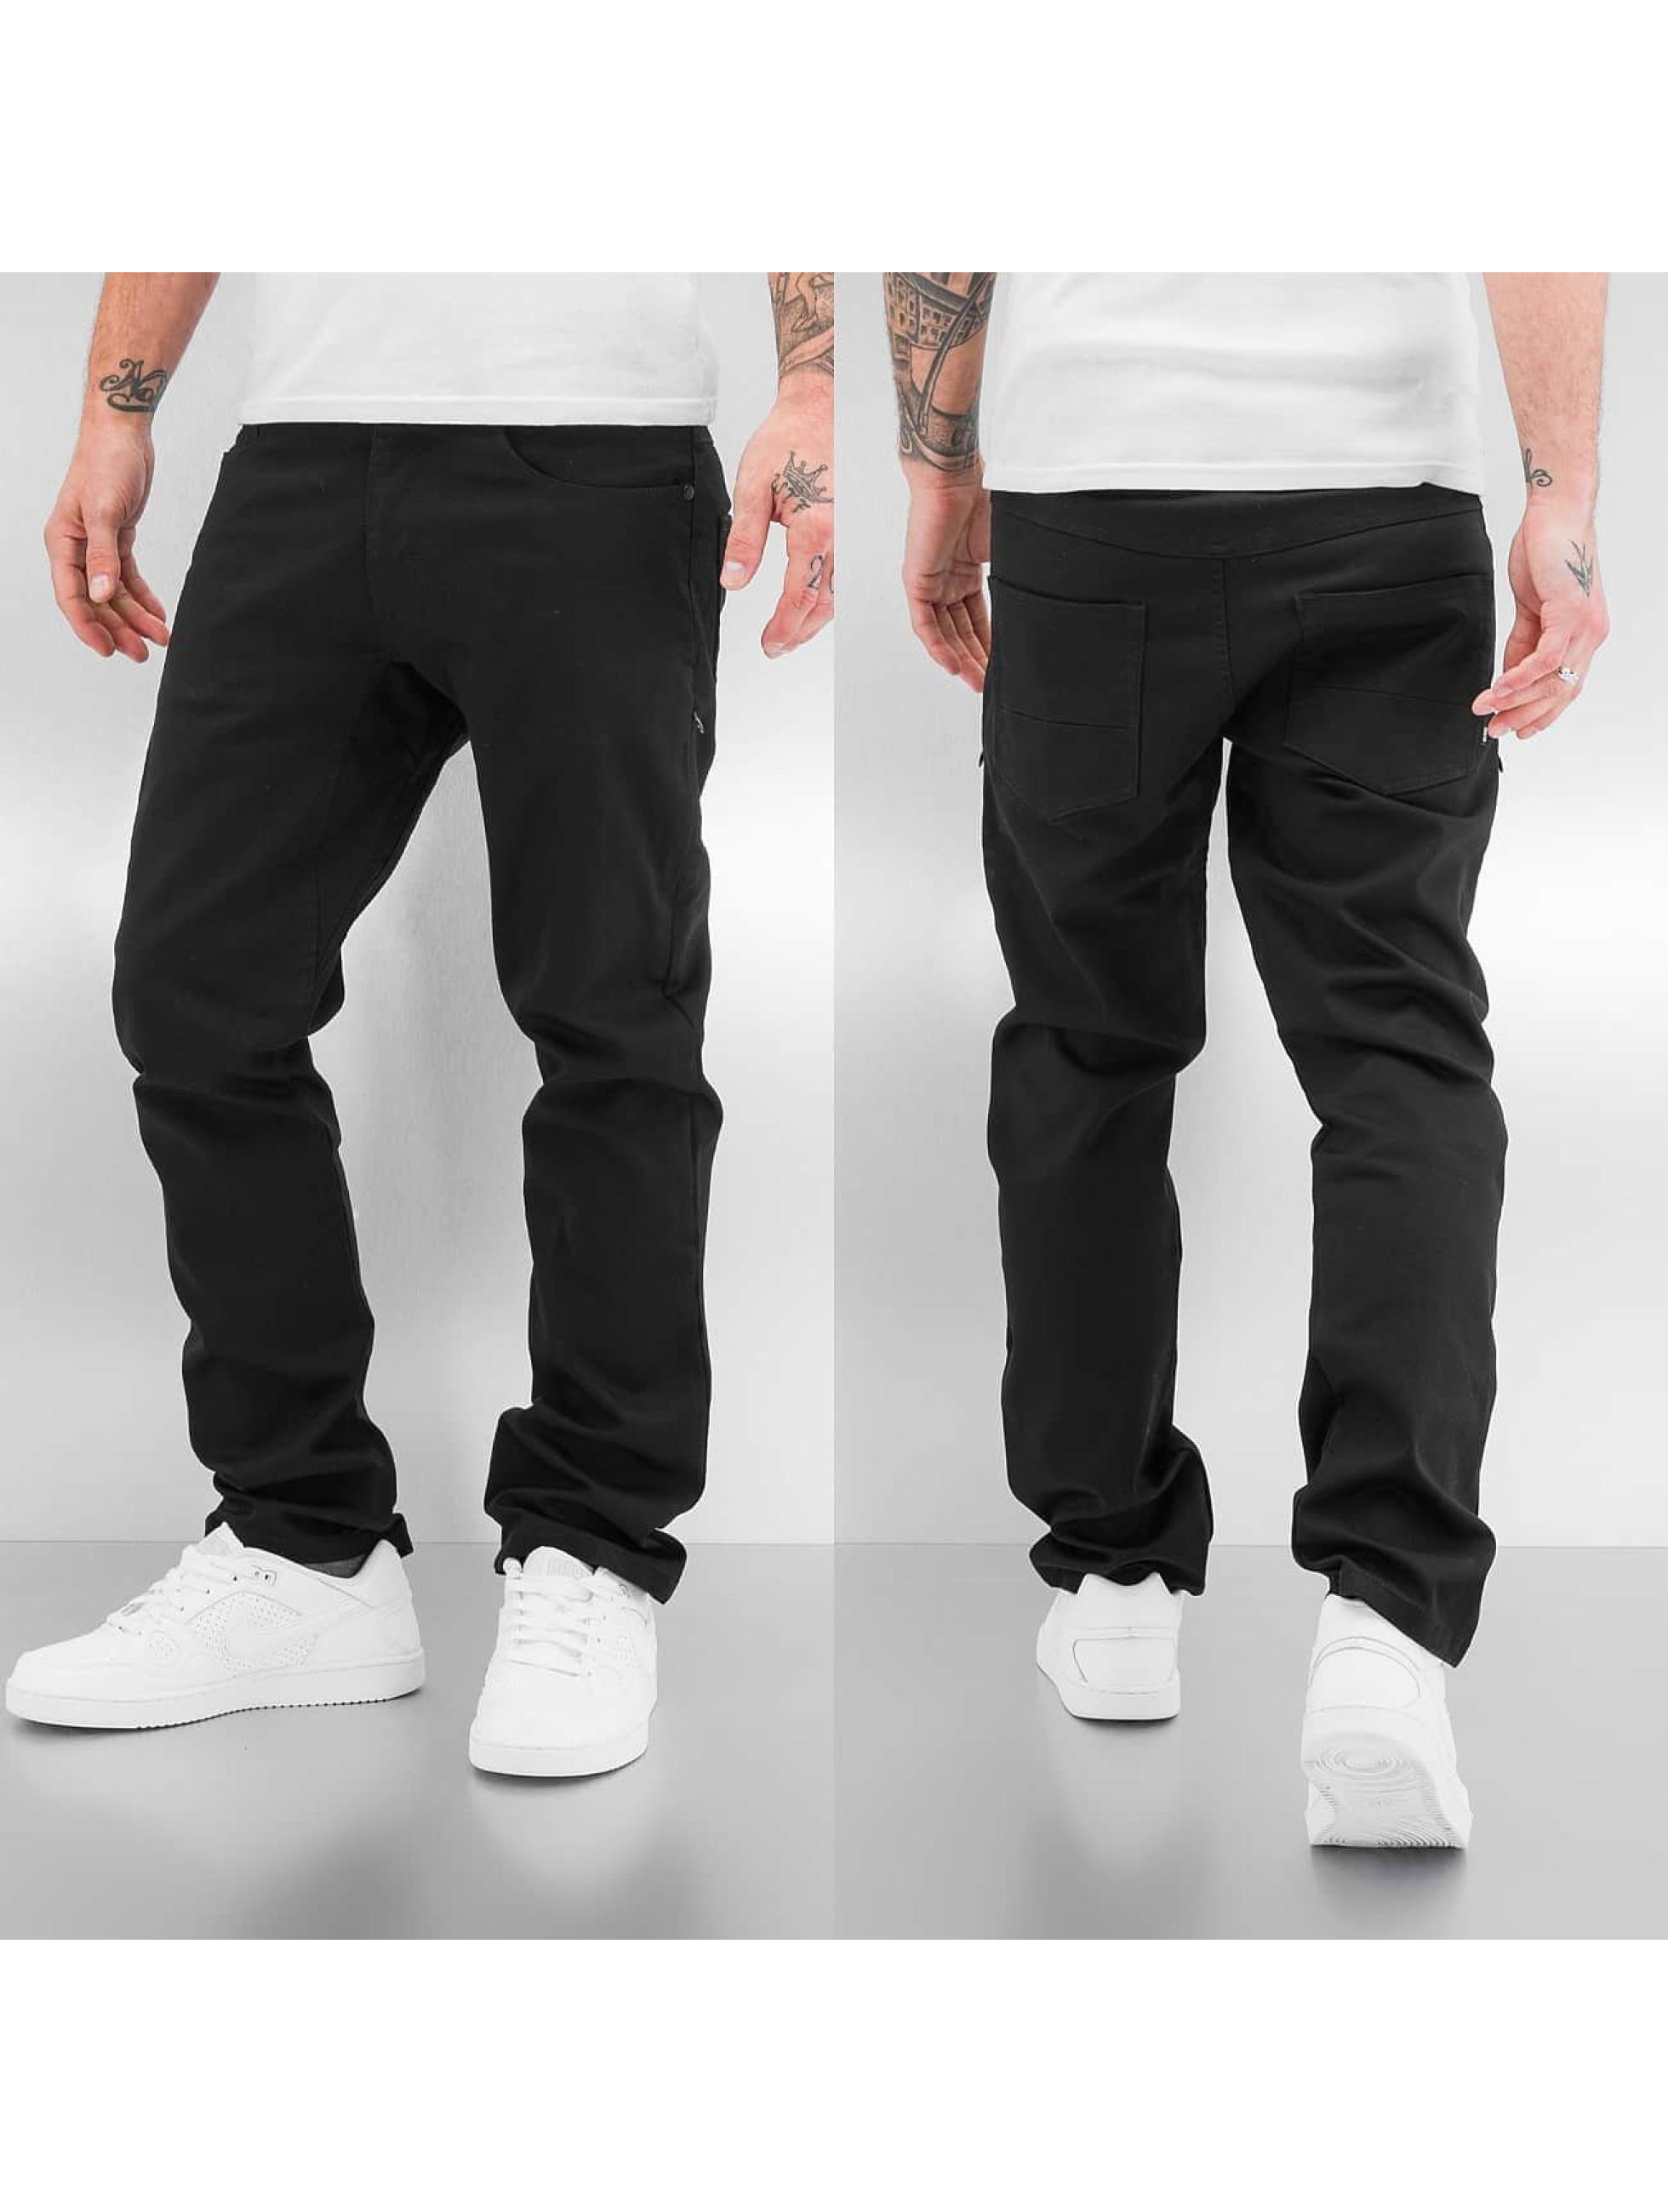 Nike SB Chino SB 5 Pocket zwart